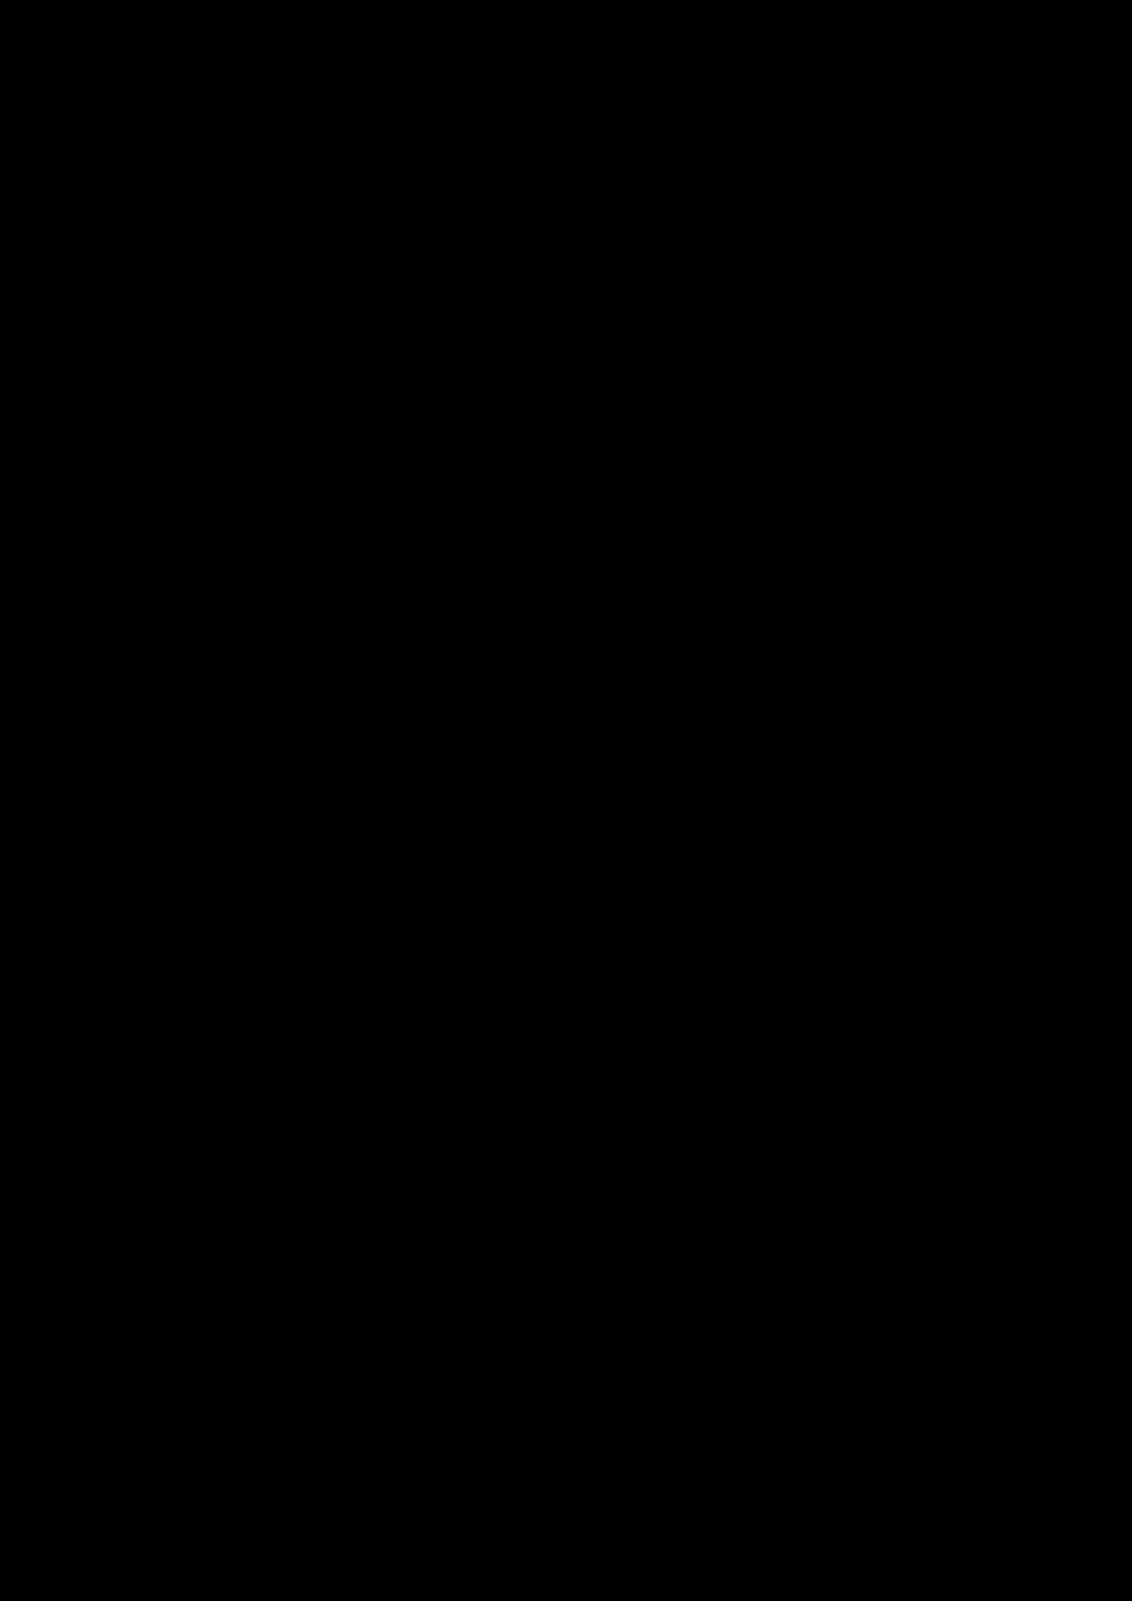 Vyibor Est slide, Image 14